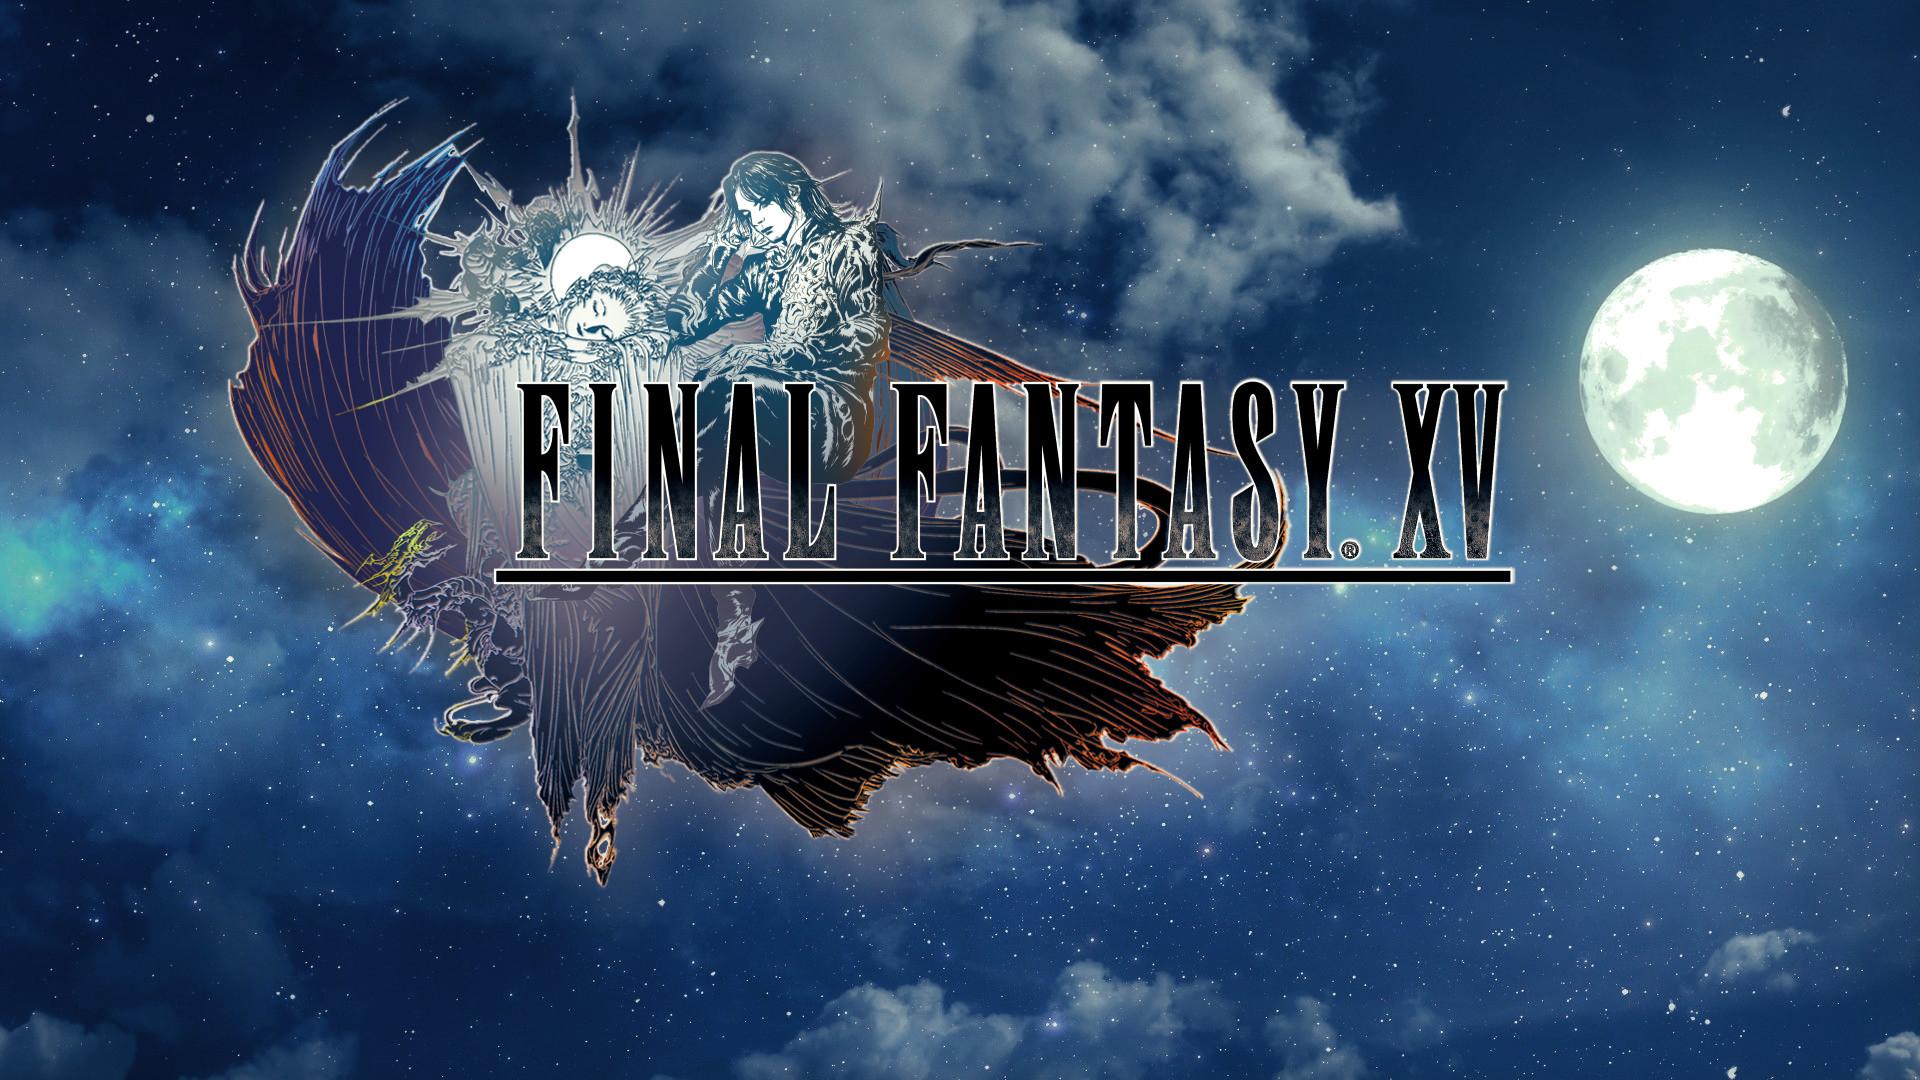 FF15 Spoilers[SPOILER][FFXV] Edited endgame logo wallpaper …